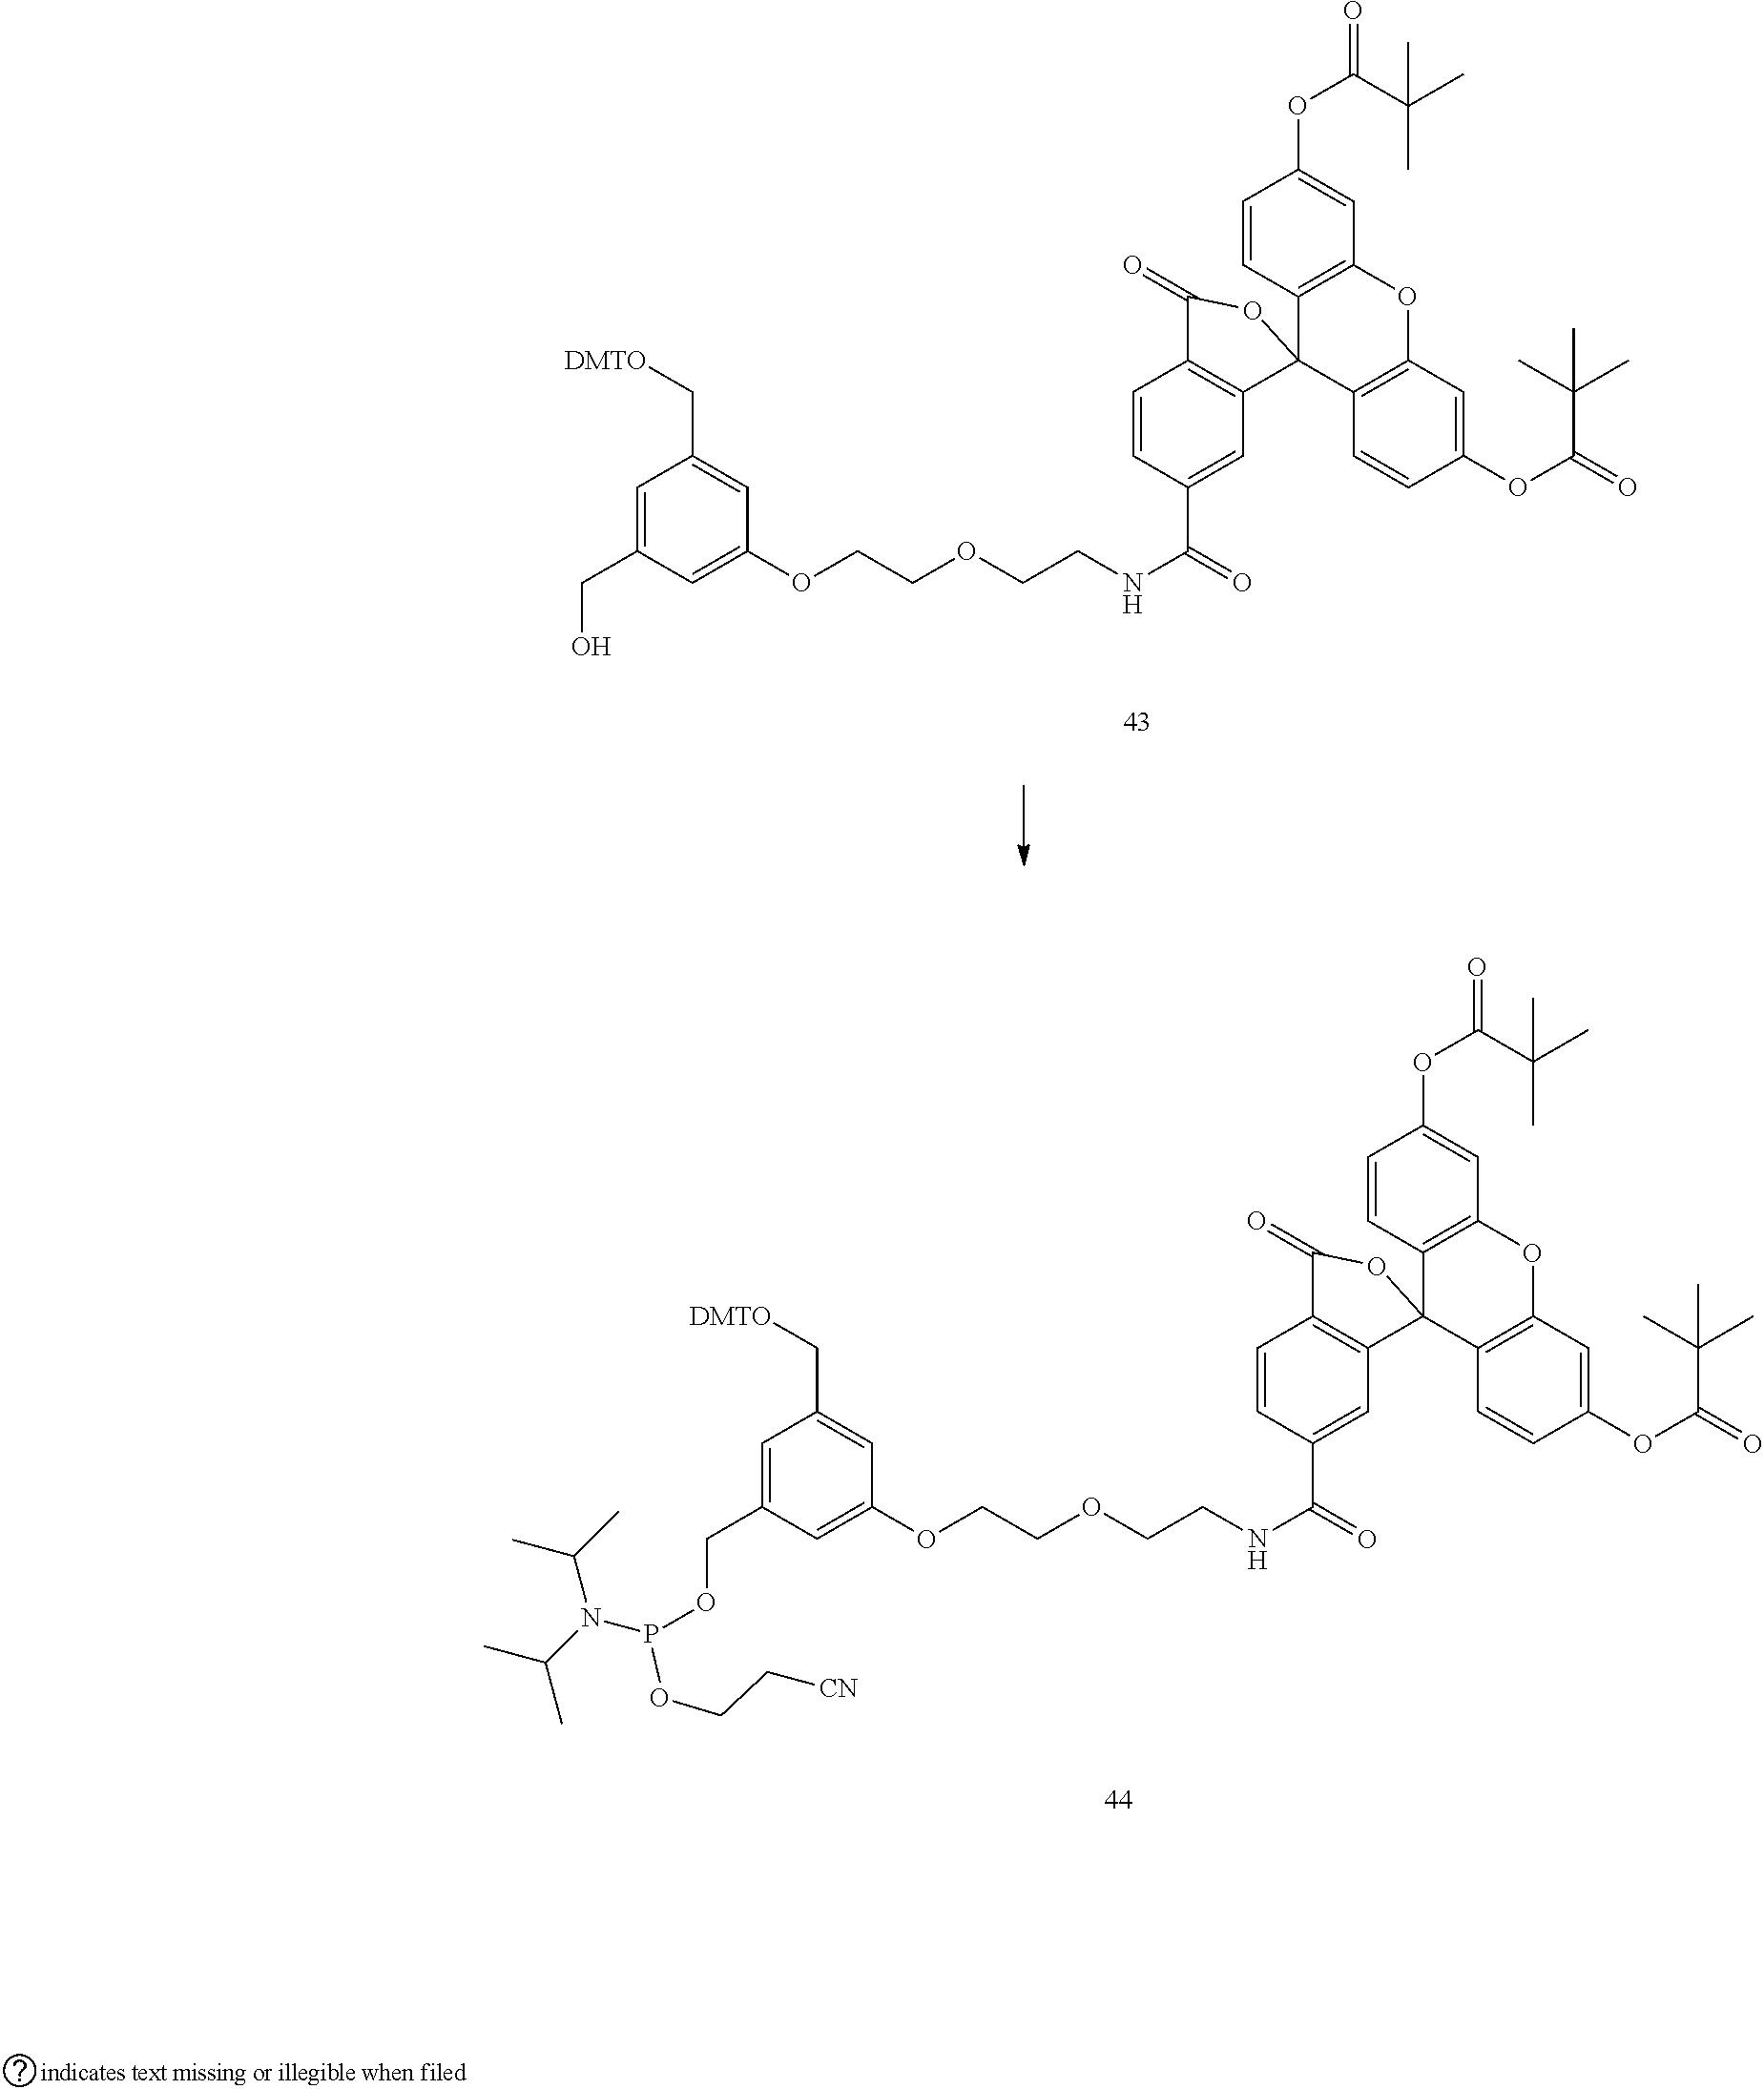 Figure US20110151457A1-20110623-C00004